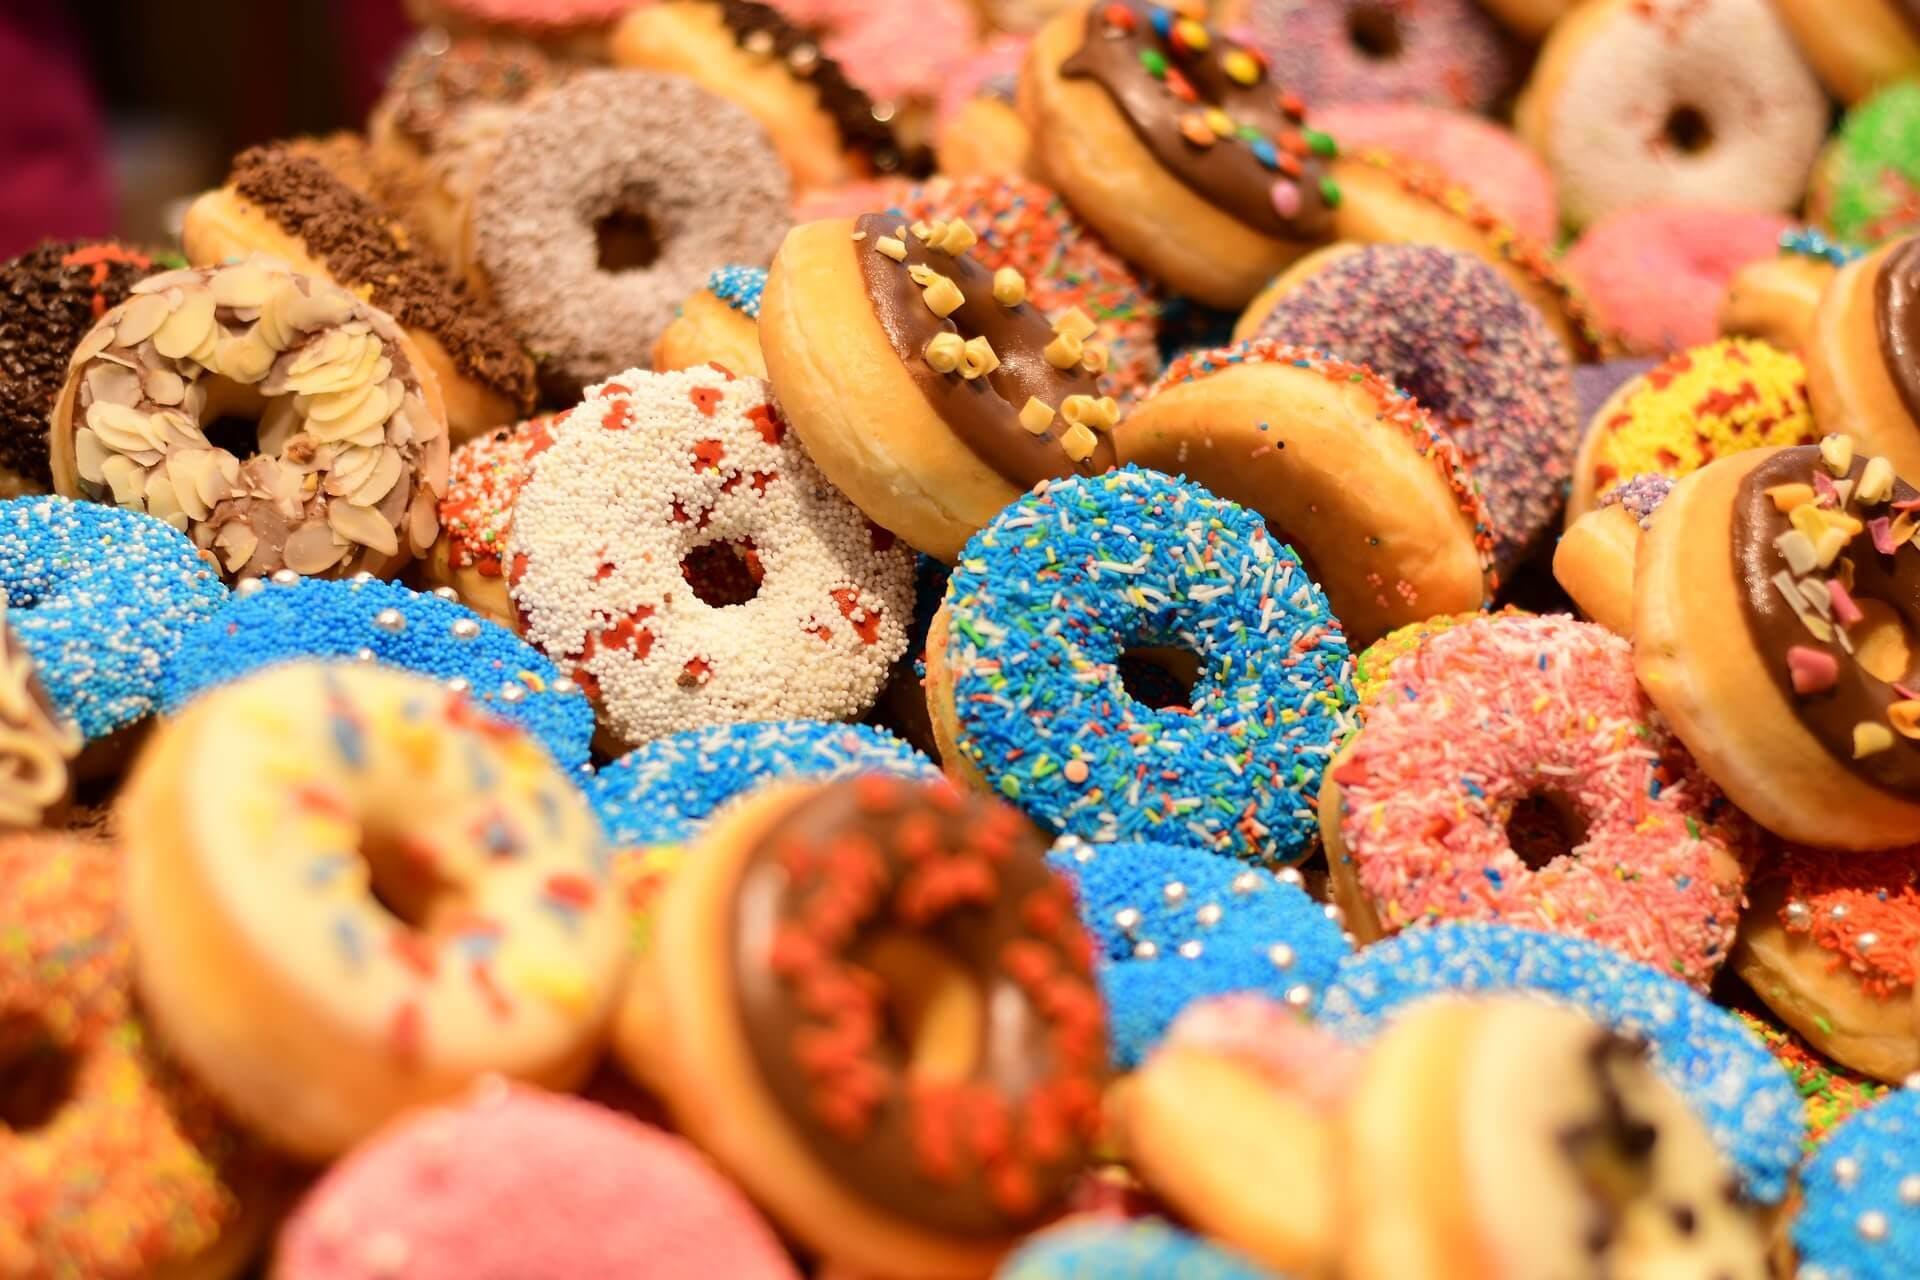 les additifs envahissent nos aliments